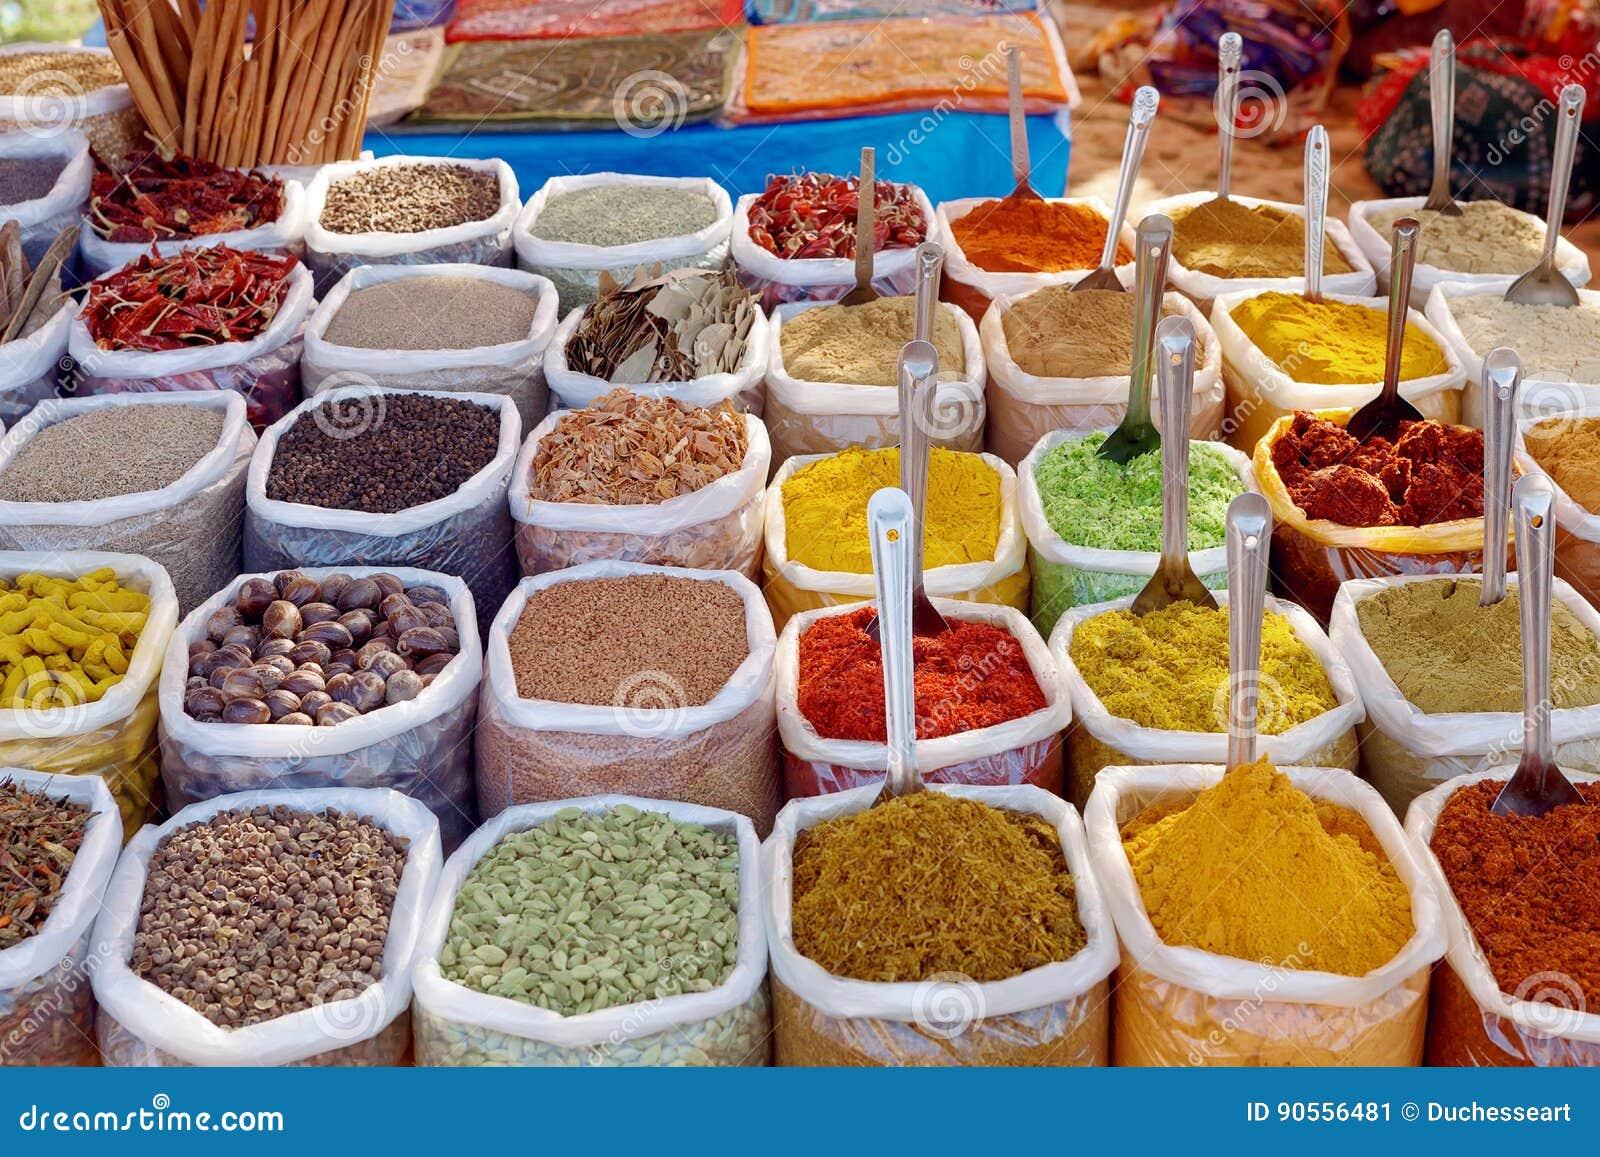 Indiska Fargrika Kryddor Fotografering For Bildbyraer Bild Av Askfat 90556481